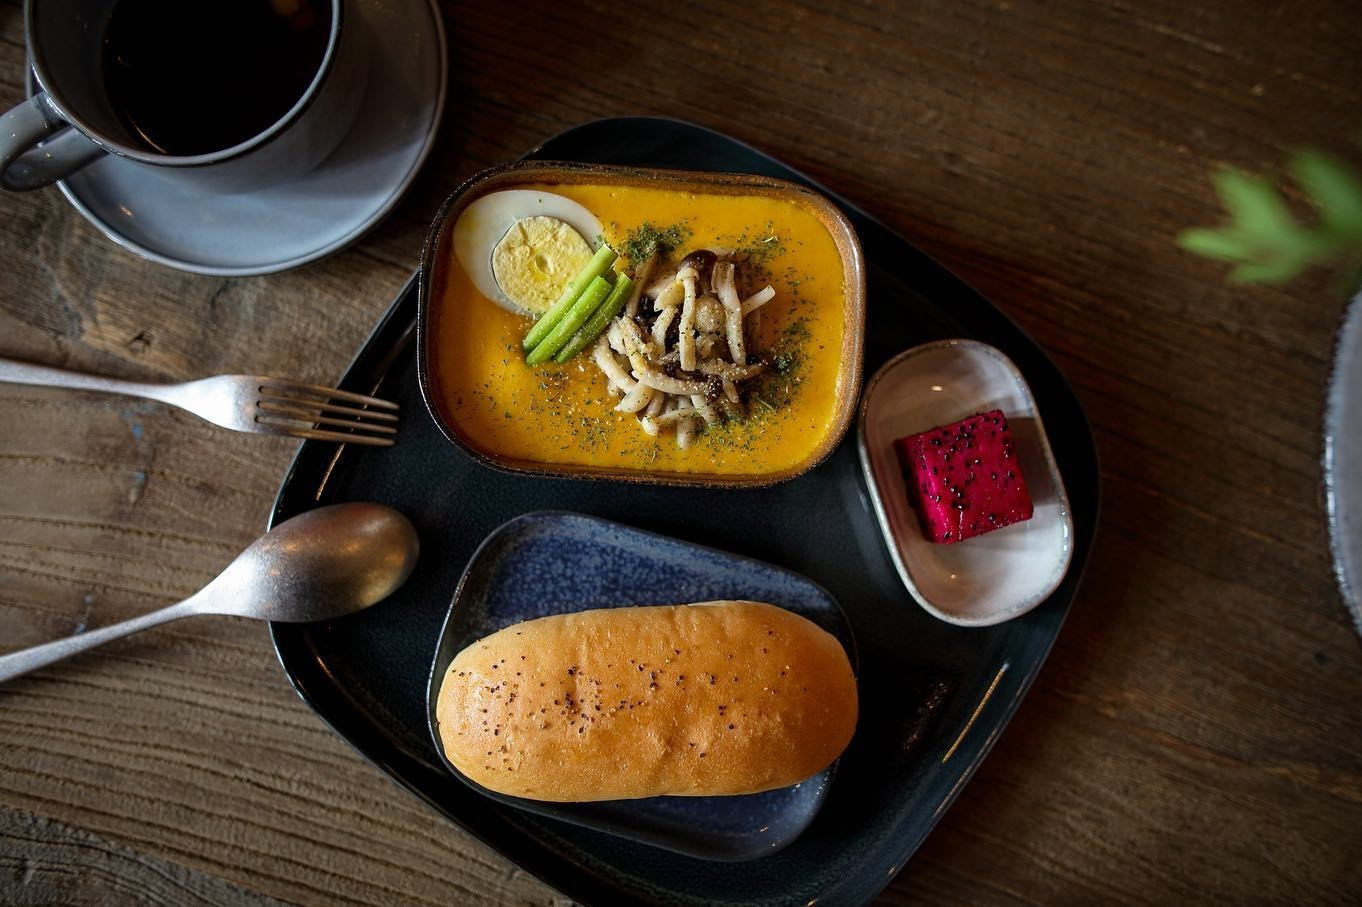 國王蝴蝶秘密基地roicafe咖啡廳-南瓜菇菇輕食|小福砌商業咖啡廳空間設計